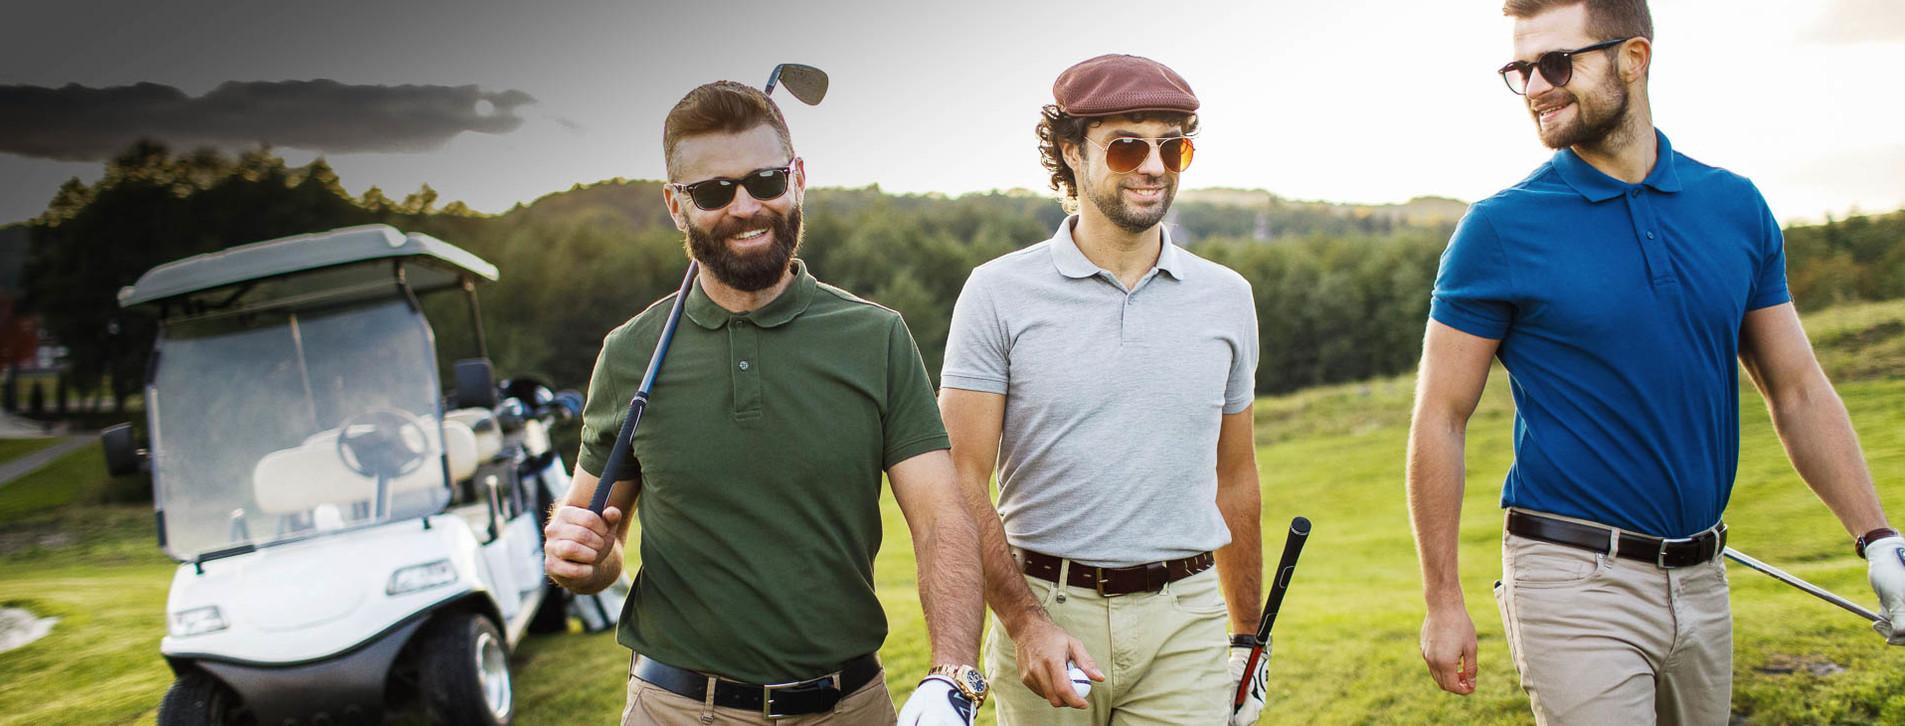 Фото 1 - Турнир по гольфу для компании